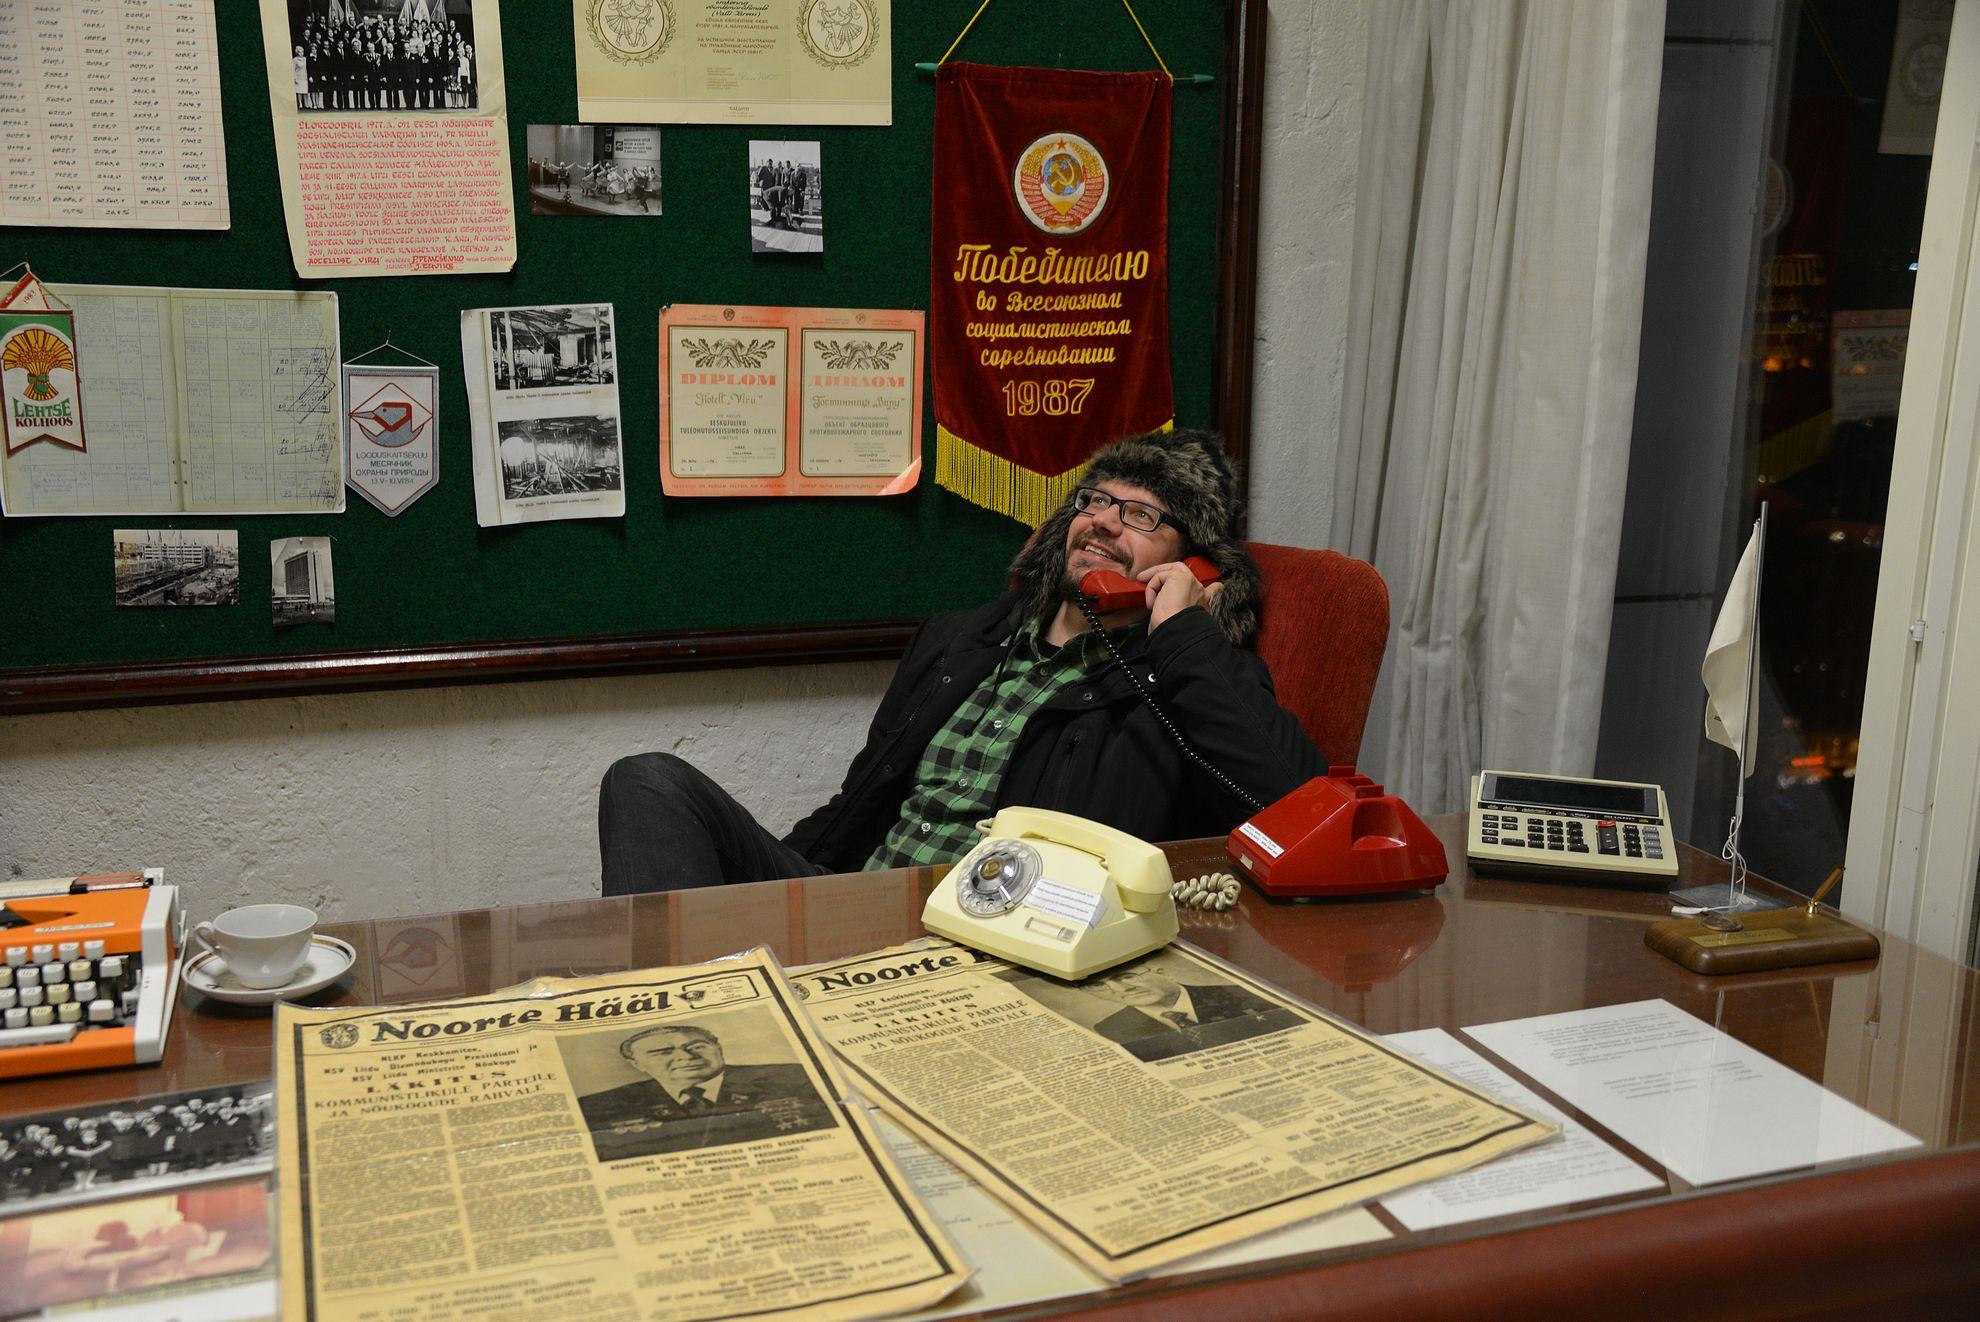 Mikäli menet KGB-museoon, suosittelen nostamaan punaisen puhelimen luurin ylös ja kuuntelemaan mitä vastataan...